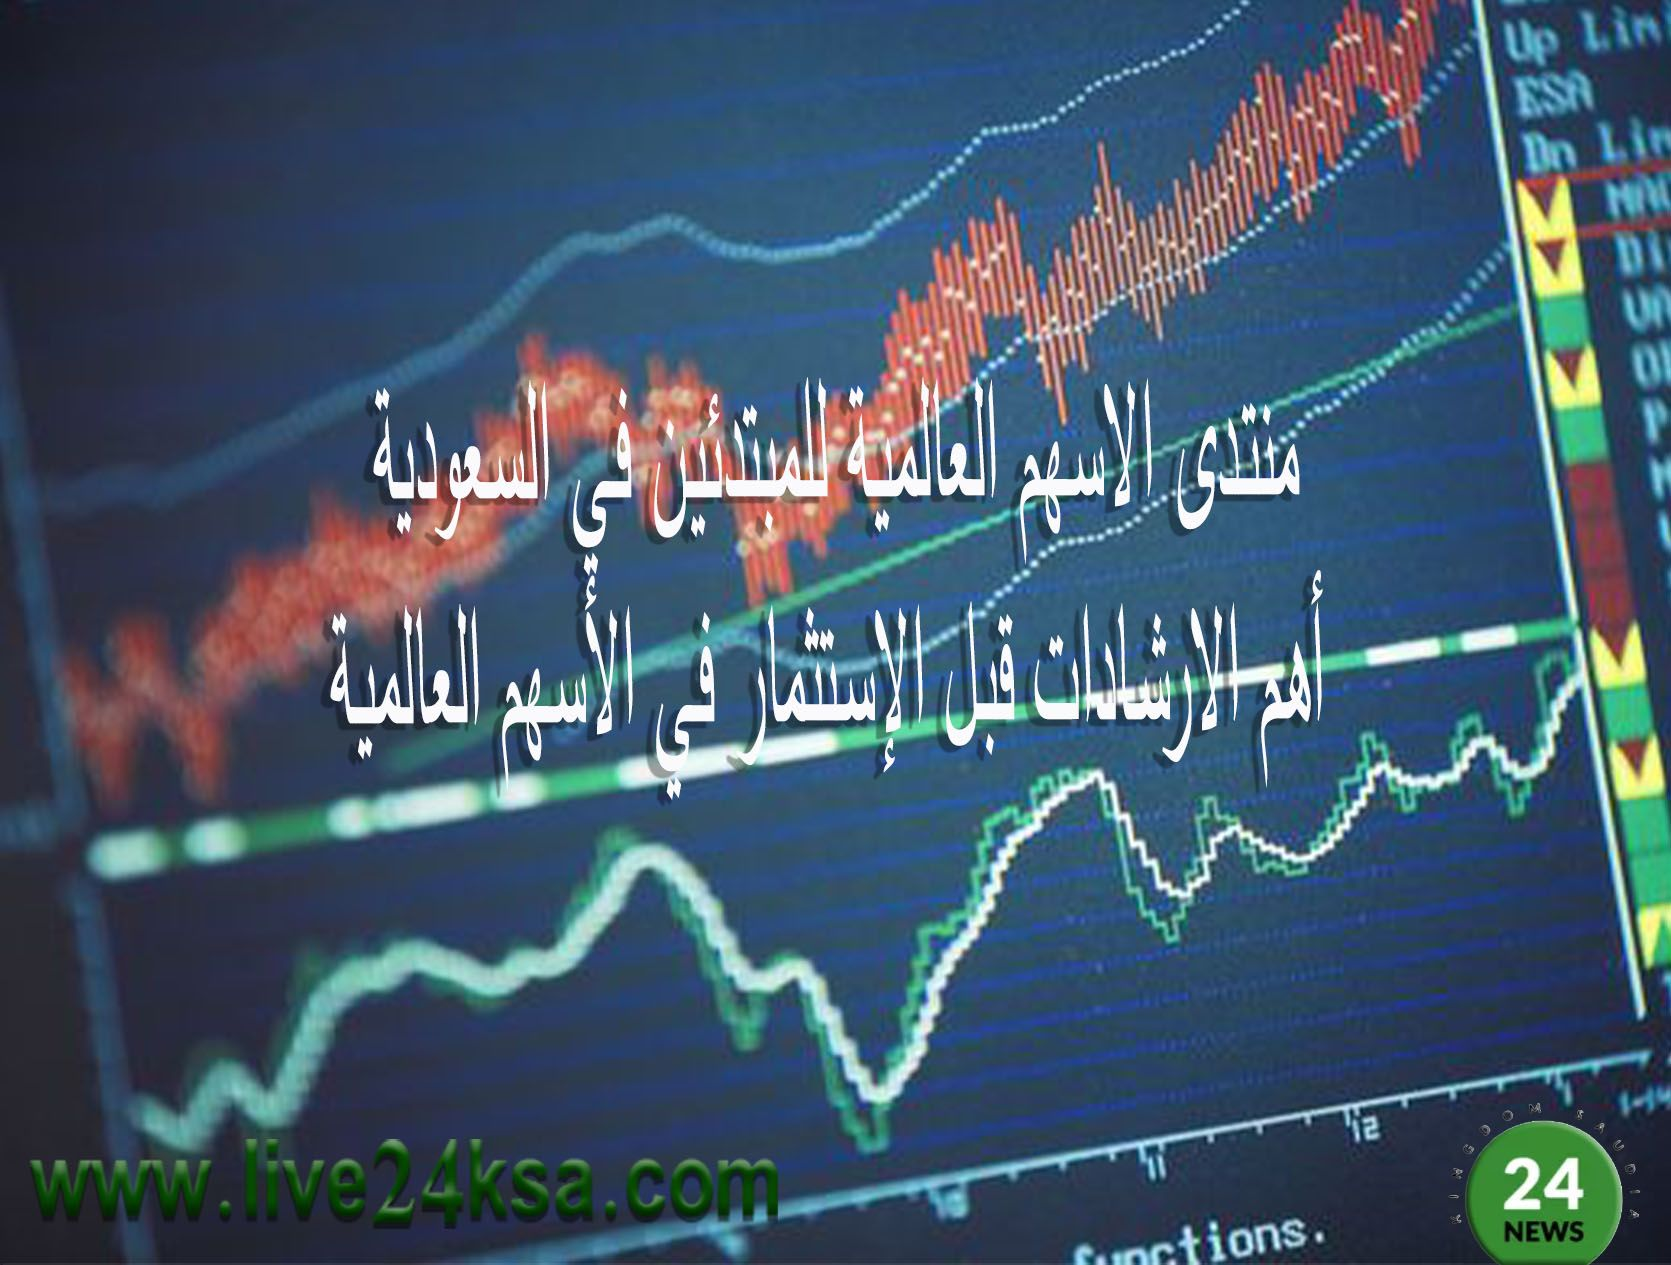 منتدى الاسهم العالمية للمبتدئين في السعودية أهم الارشادات قبل الإستثمار في الأسهم العالمية Neon Signs Lins Signs